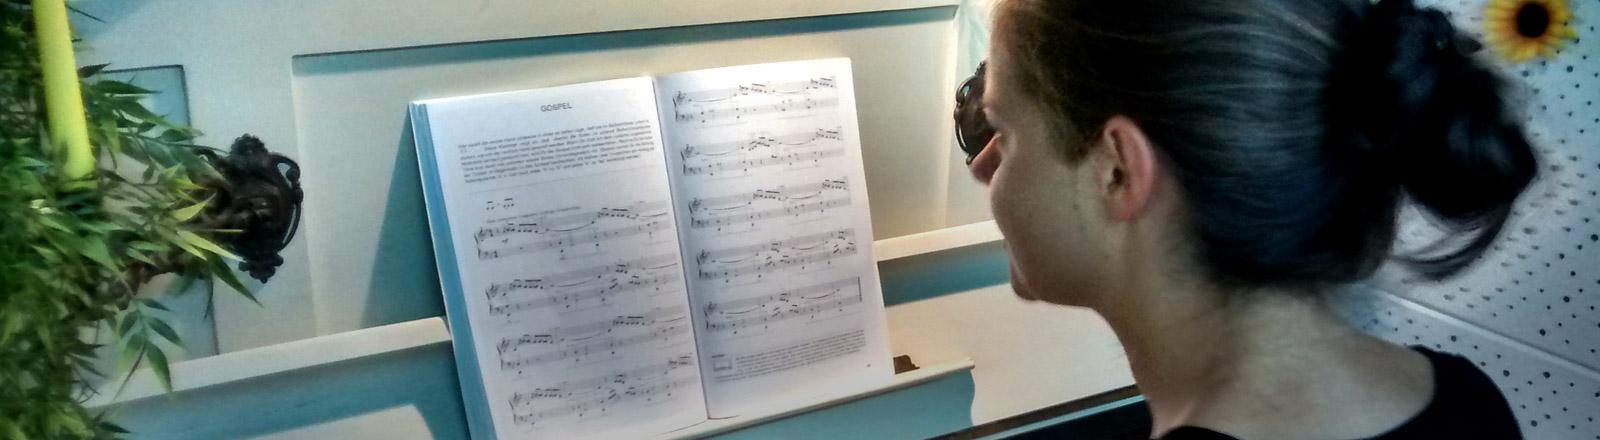 Julia Möckl am Klavier.